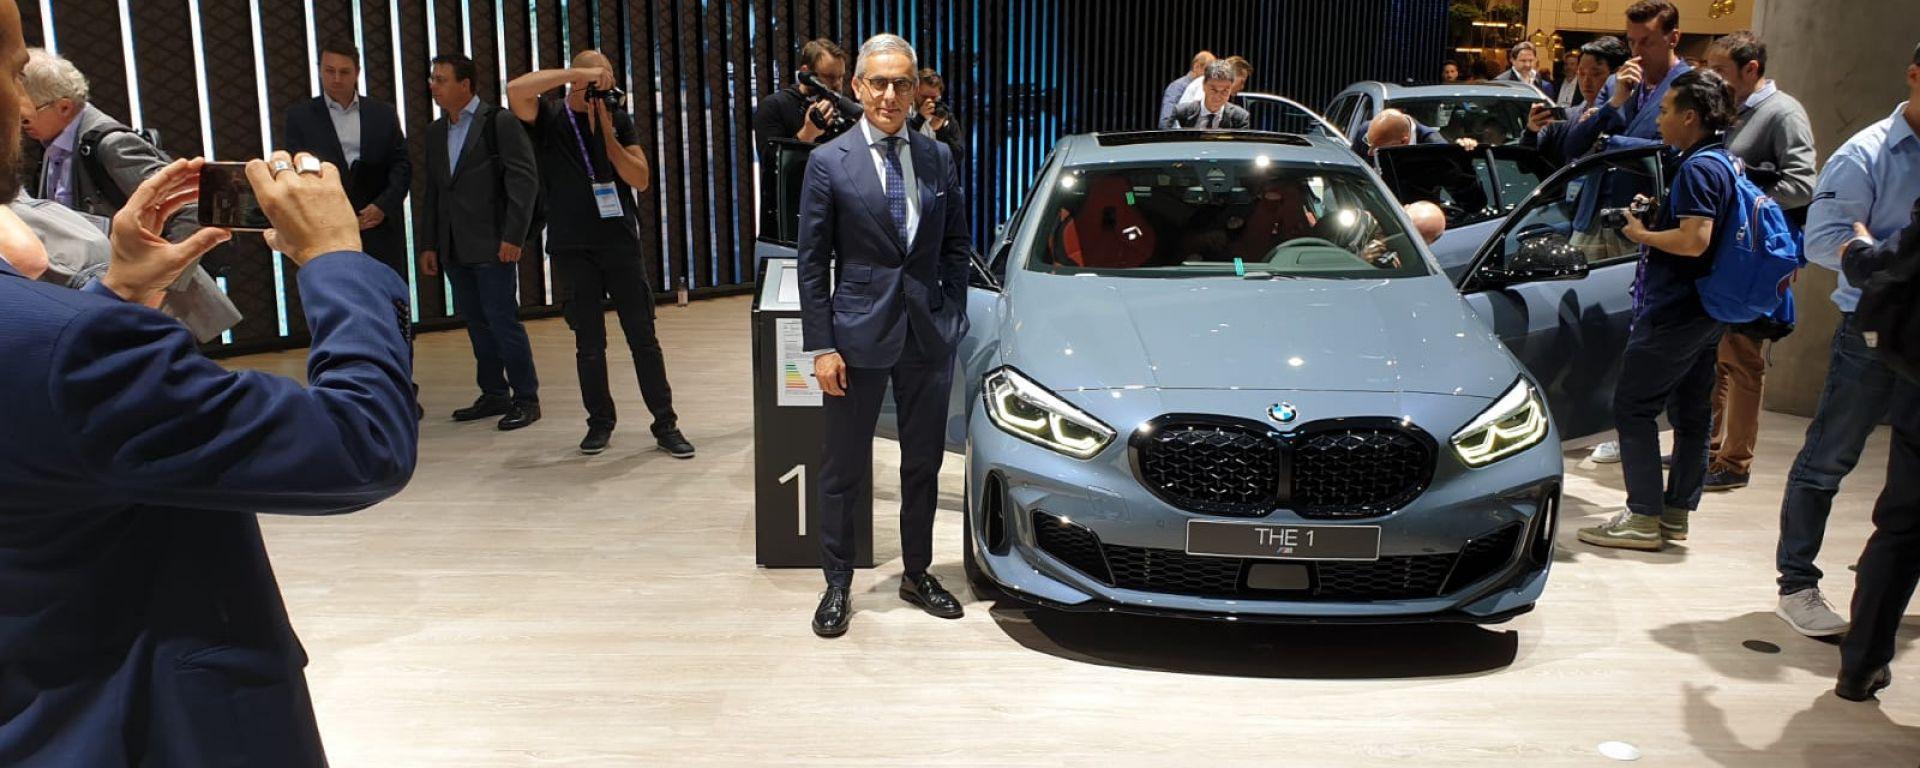 Salone di Francoforte 2019: le novità allo stand BMW